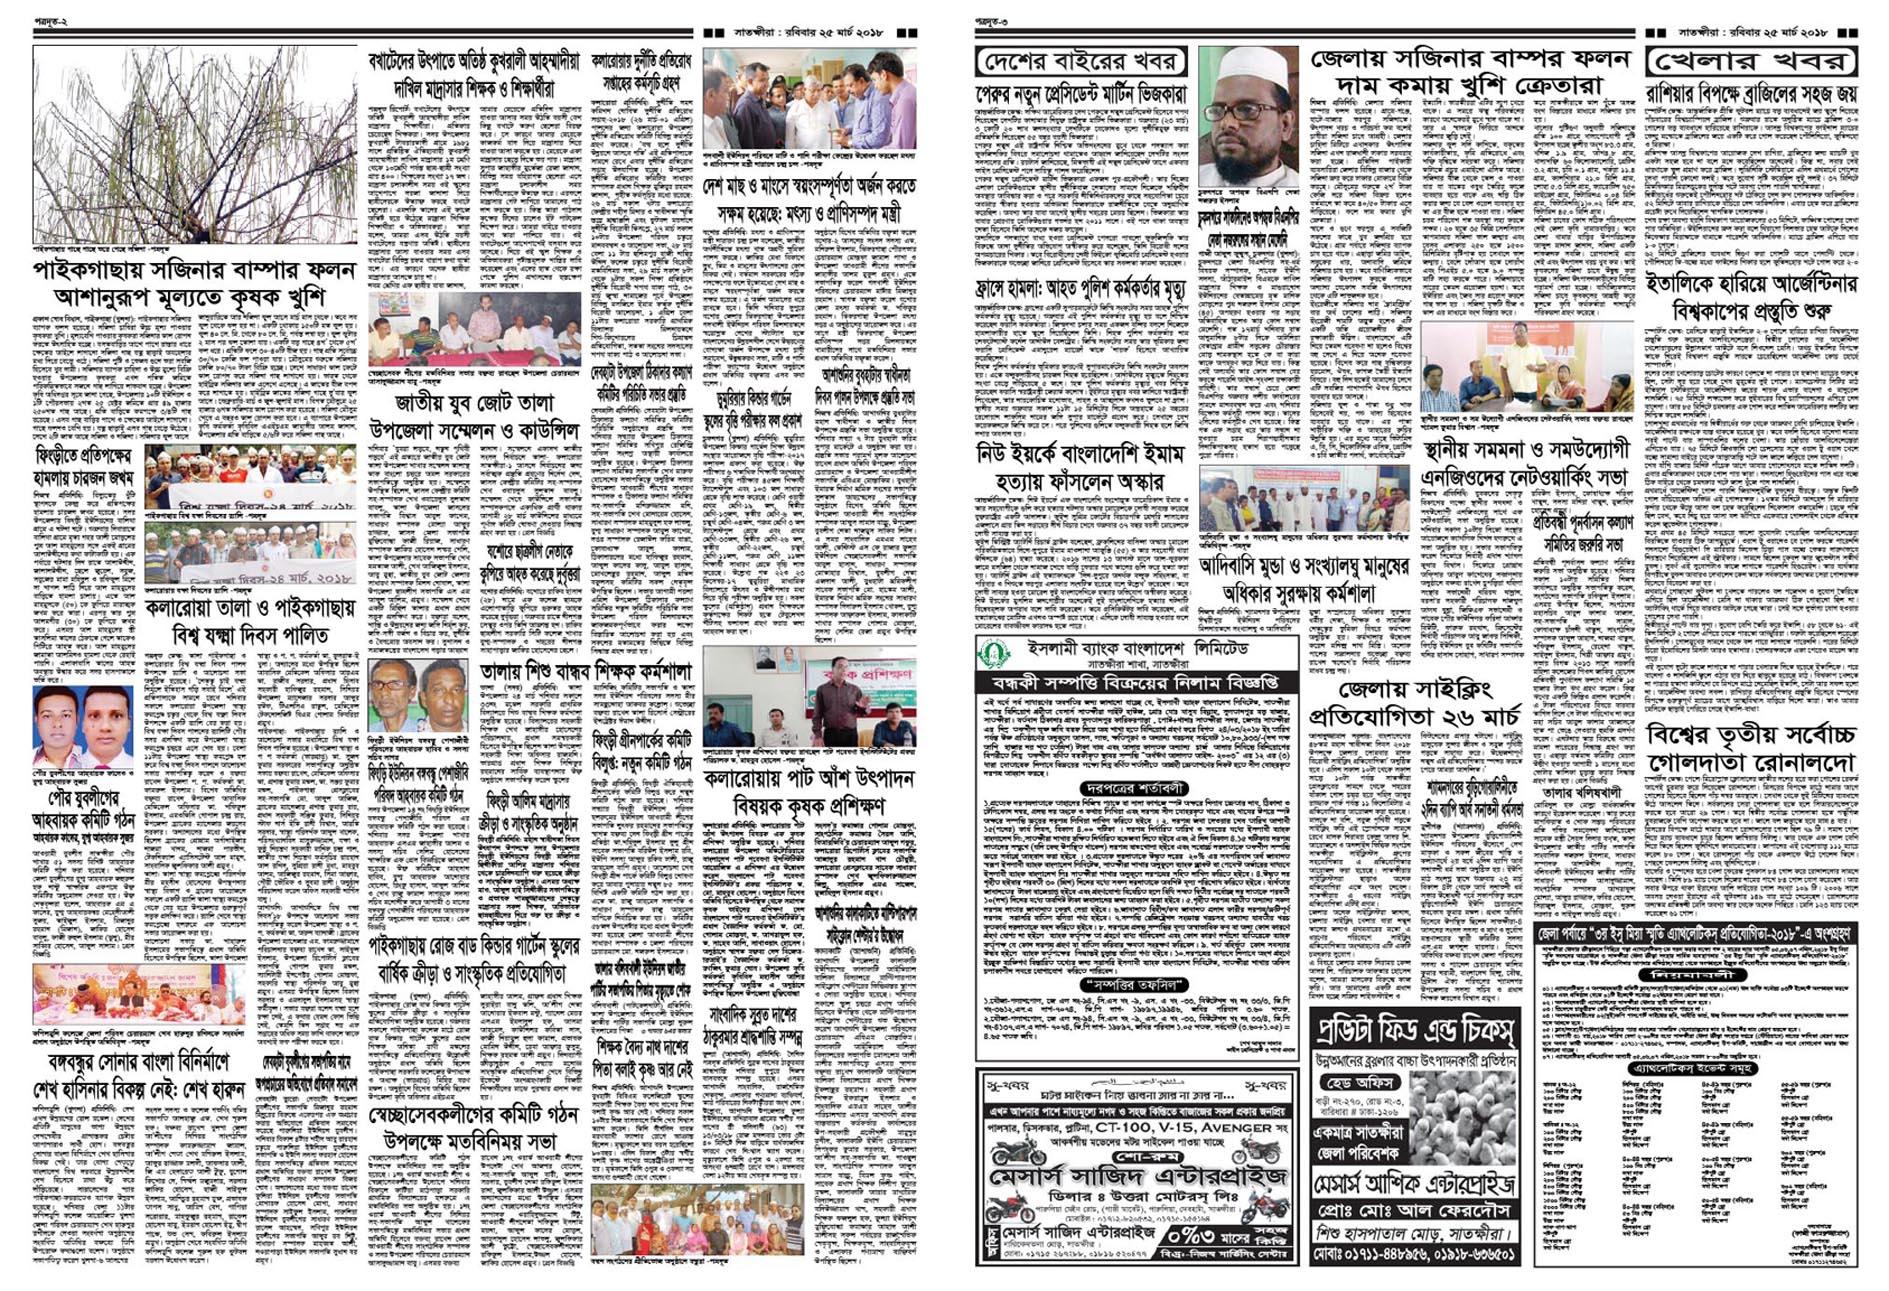 শ্যামনগরের বুড়িগোয়ালিনীতে ২দিন ব্যাপি আর্য সনাতনী ধর্মসভা